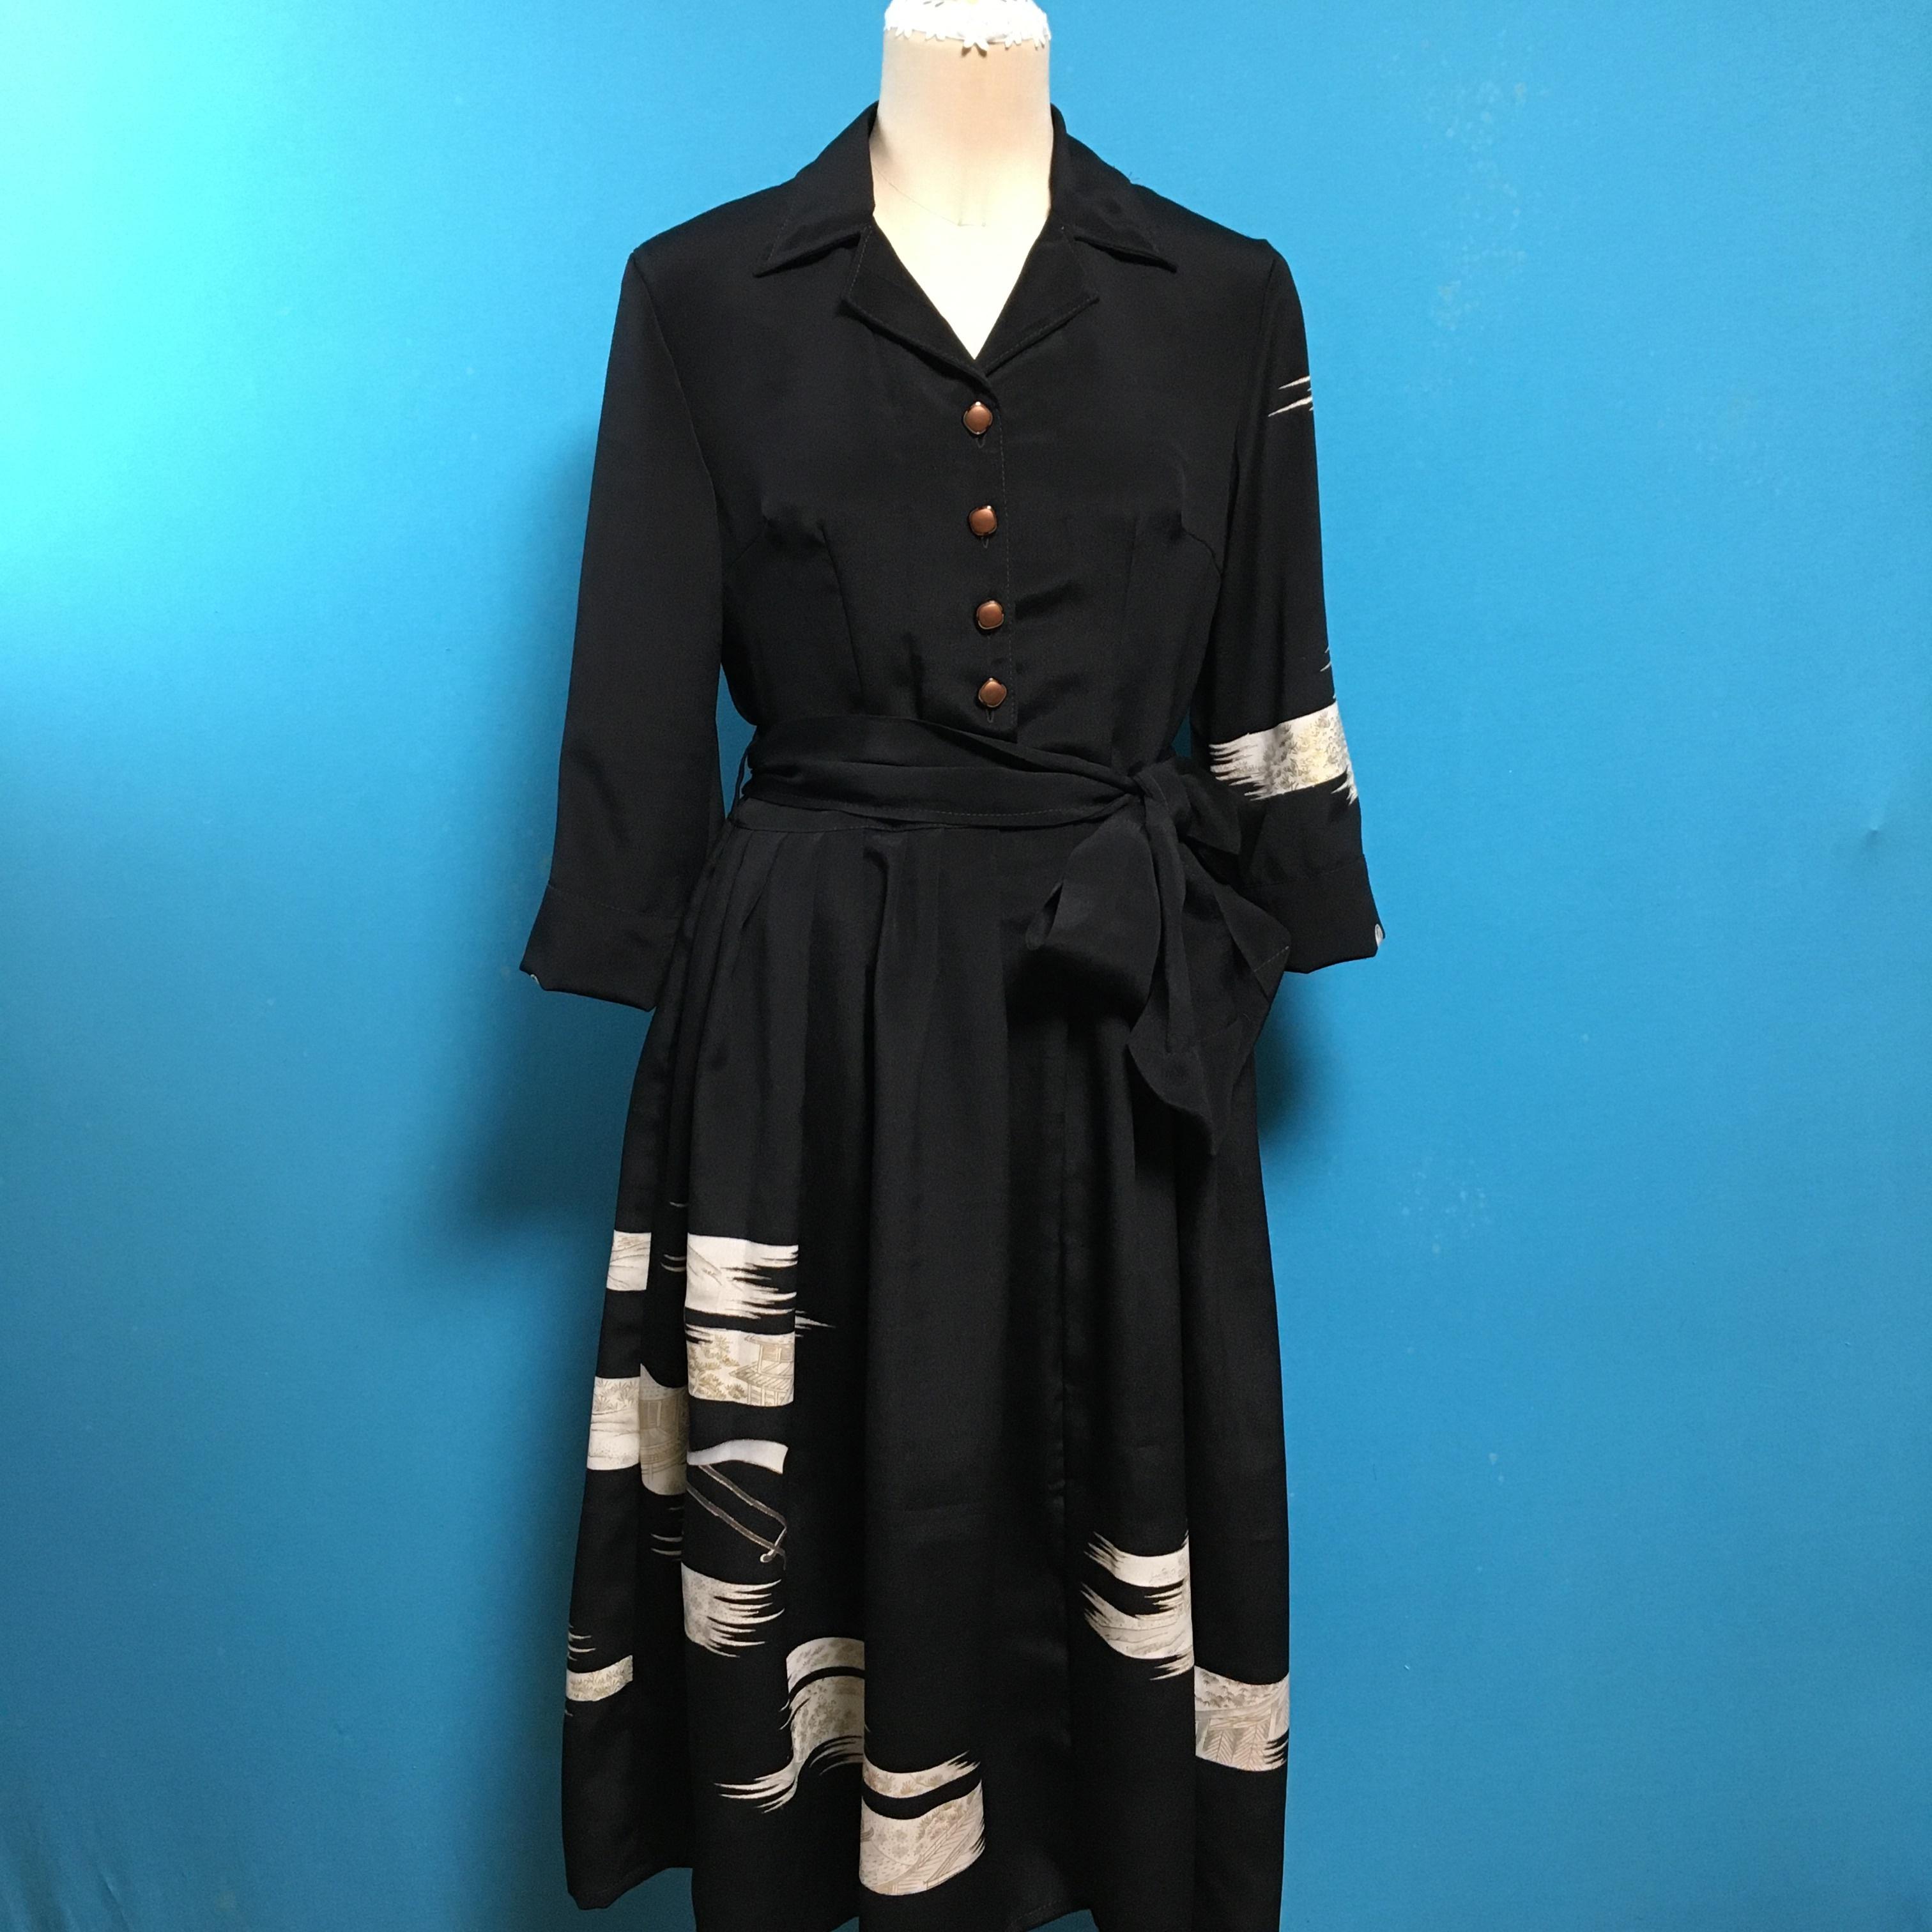 Vintage black 50年代風*US 8